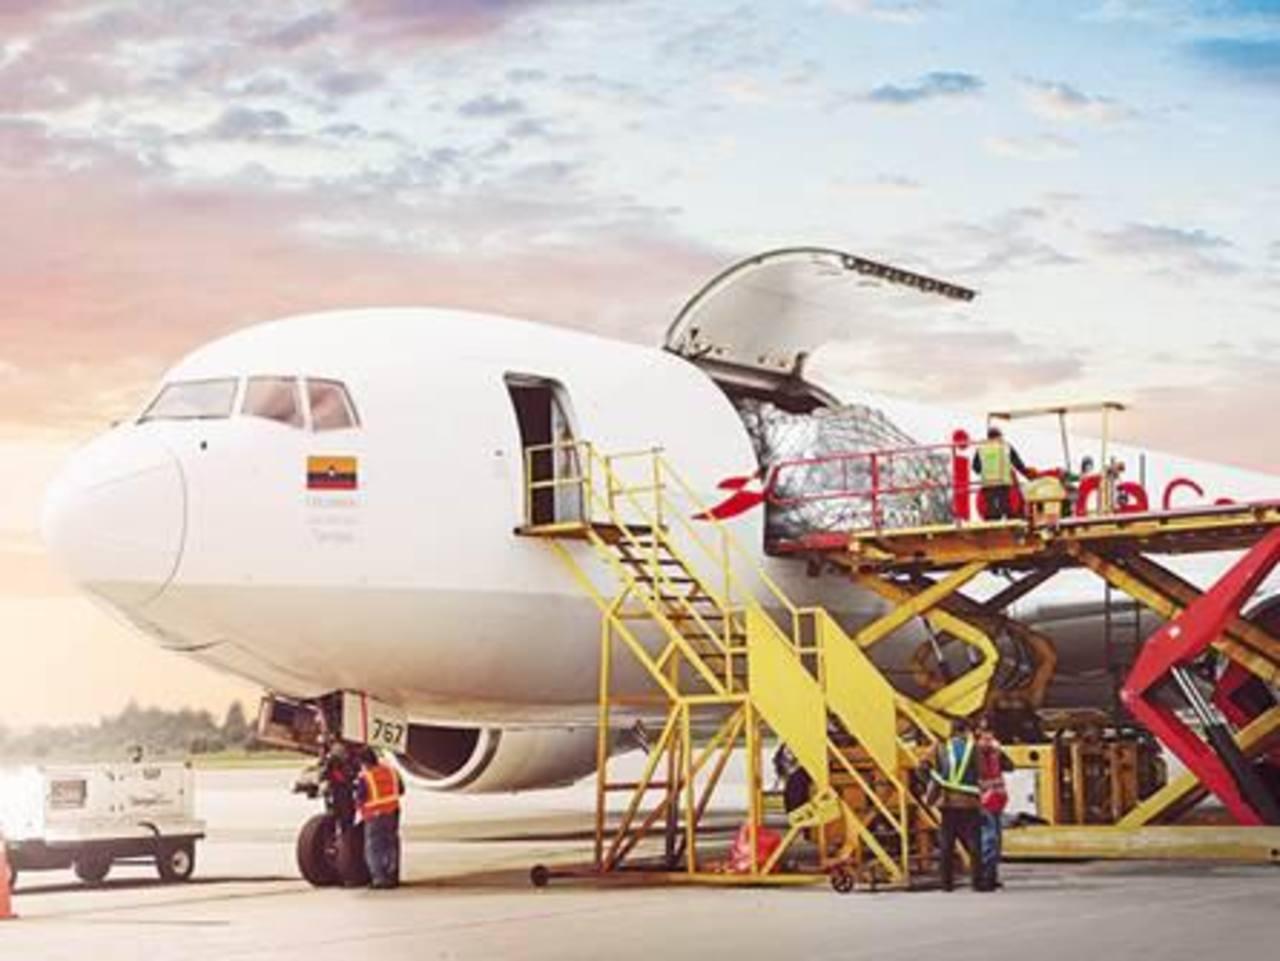 Avianca Cargo realiza actualmente operaciones cargueras en 20 ciudades. Transporta productos perecederos como flores, espárragos, lechugas, vegetales, salmón, fruta, entre otros.